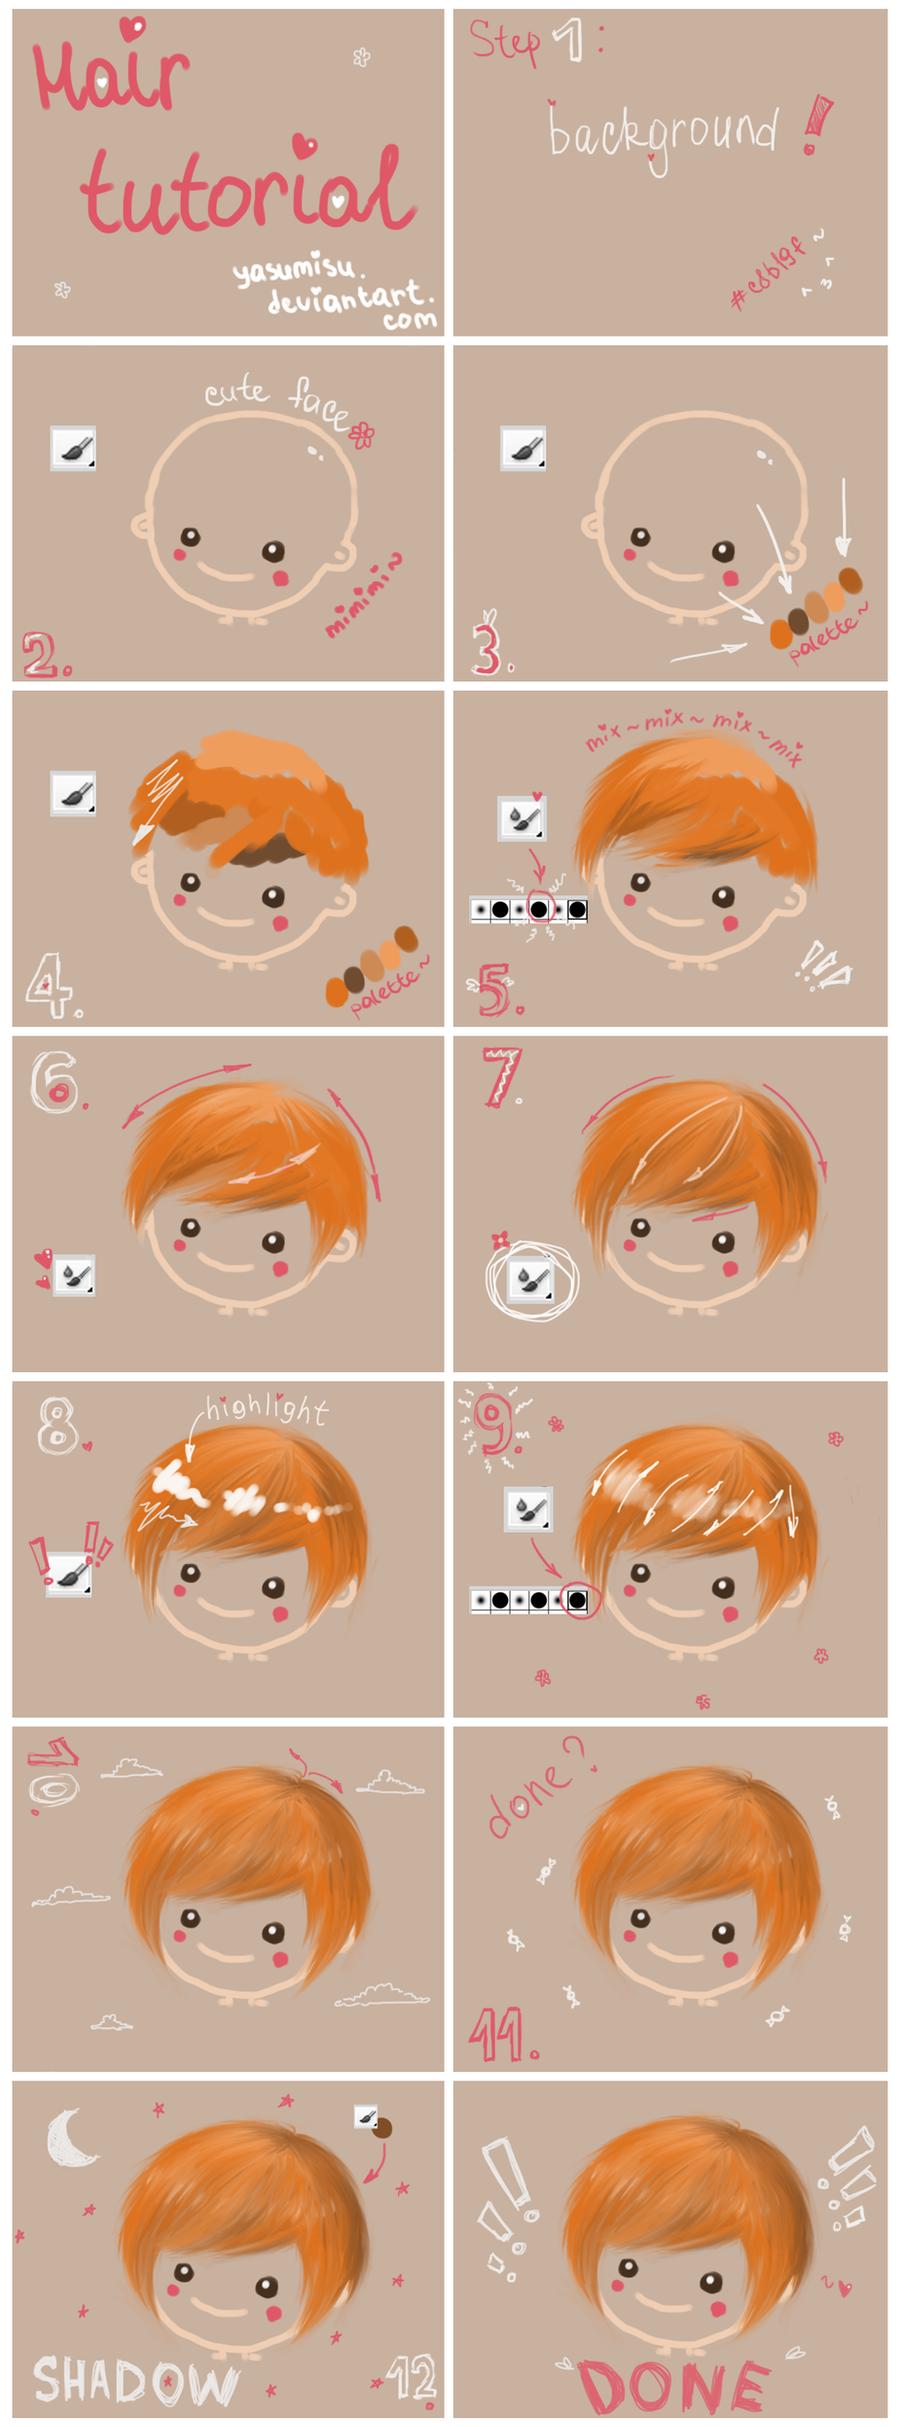 hair tutorial by yasumisu